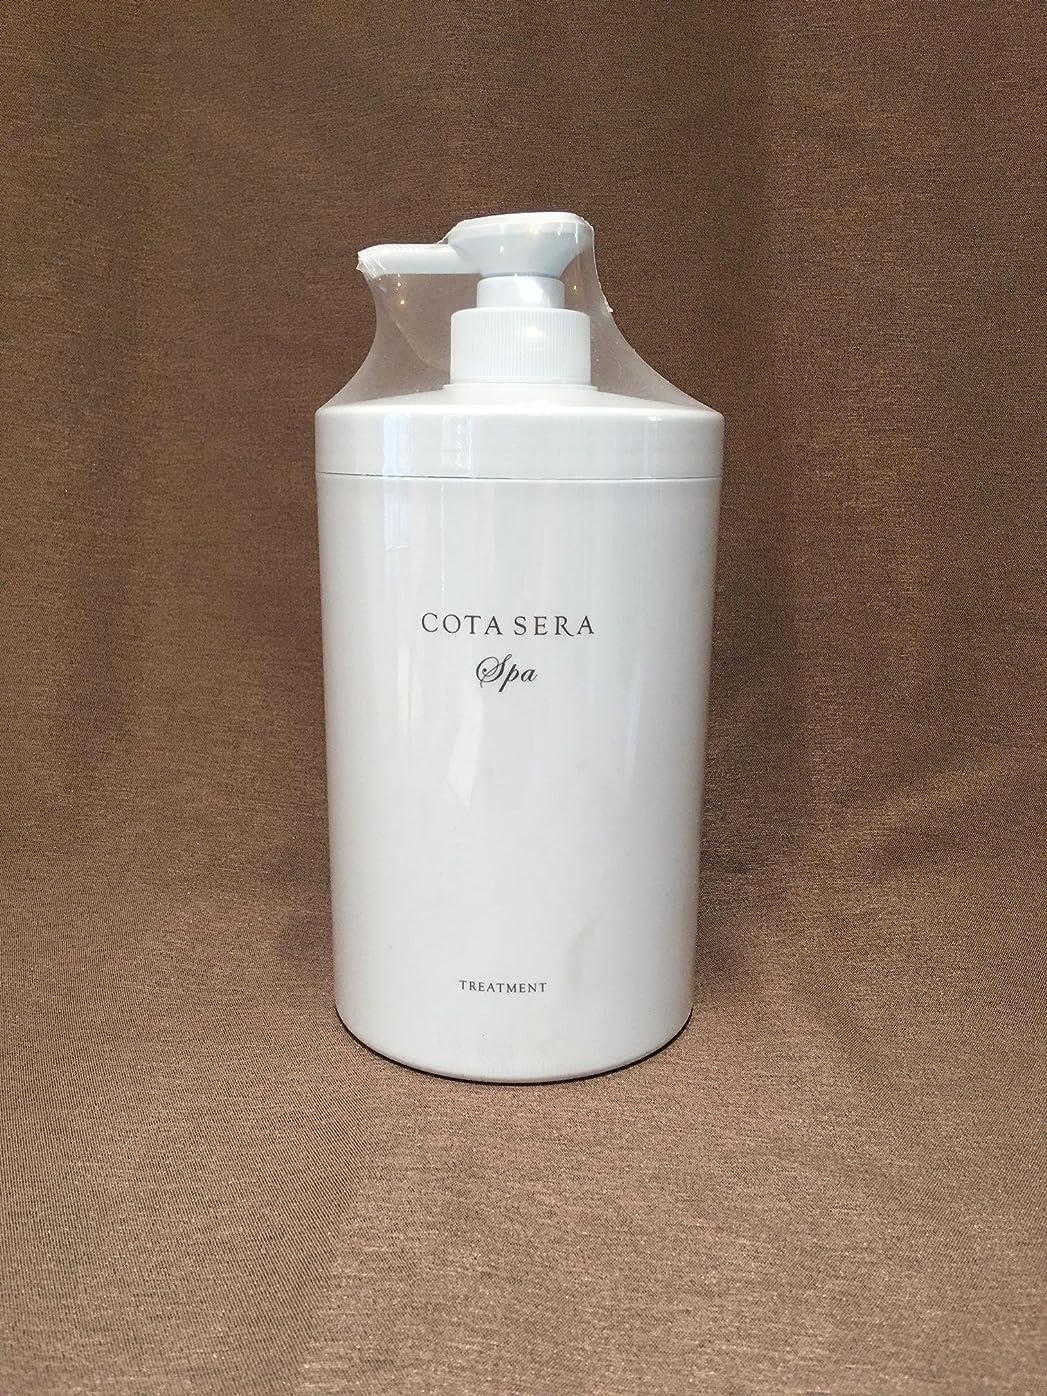 バー鎮痛剤特異性コタセラ スパトリートメントα 800g